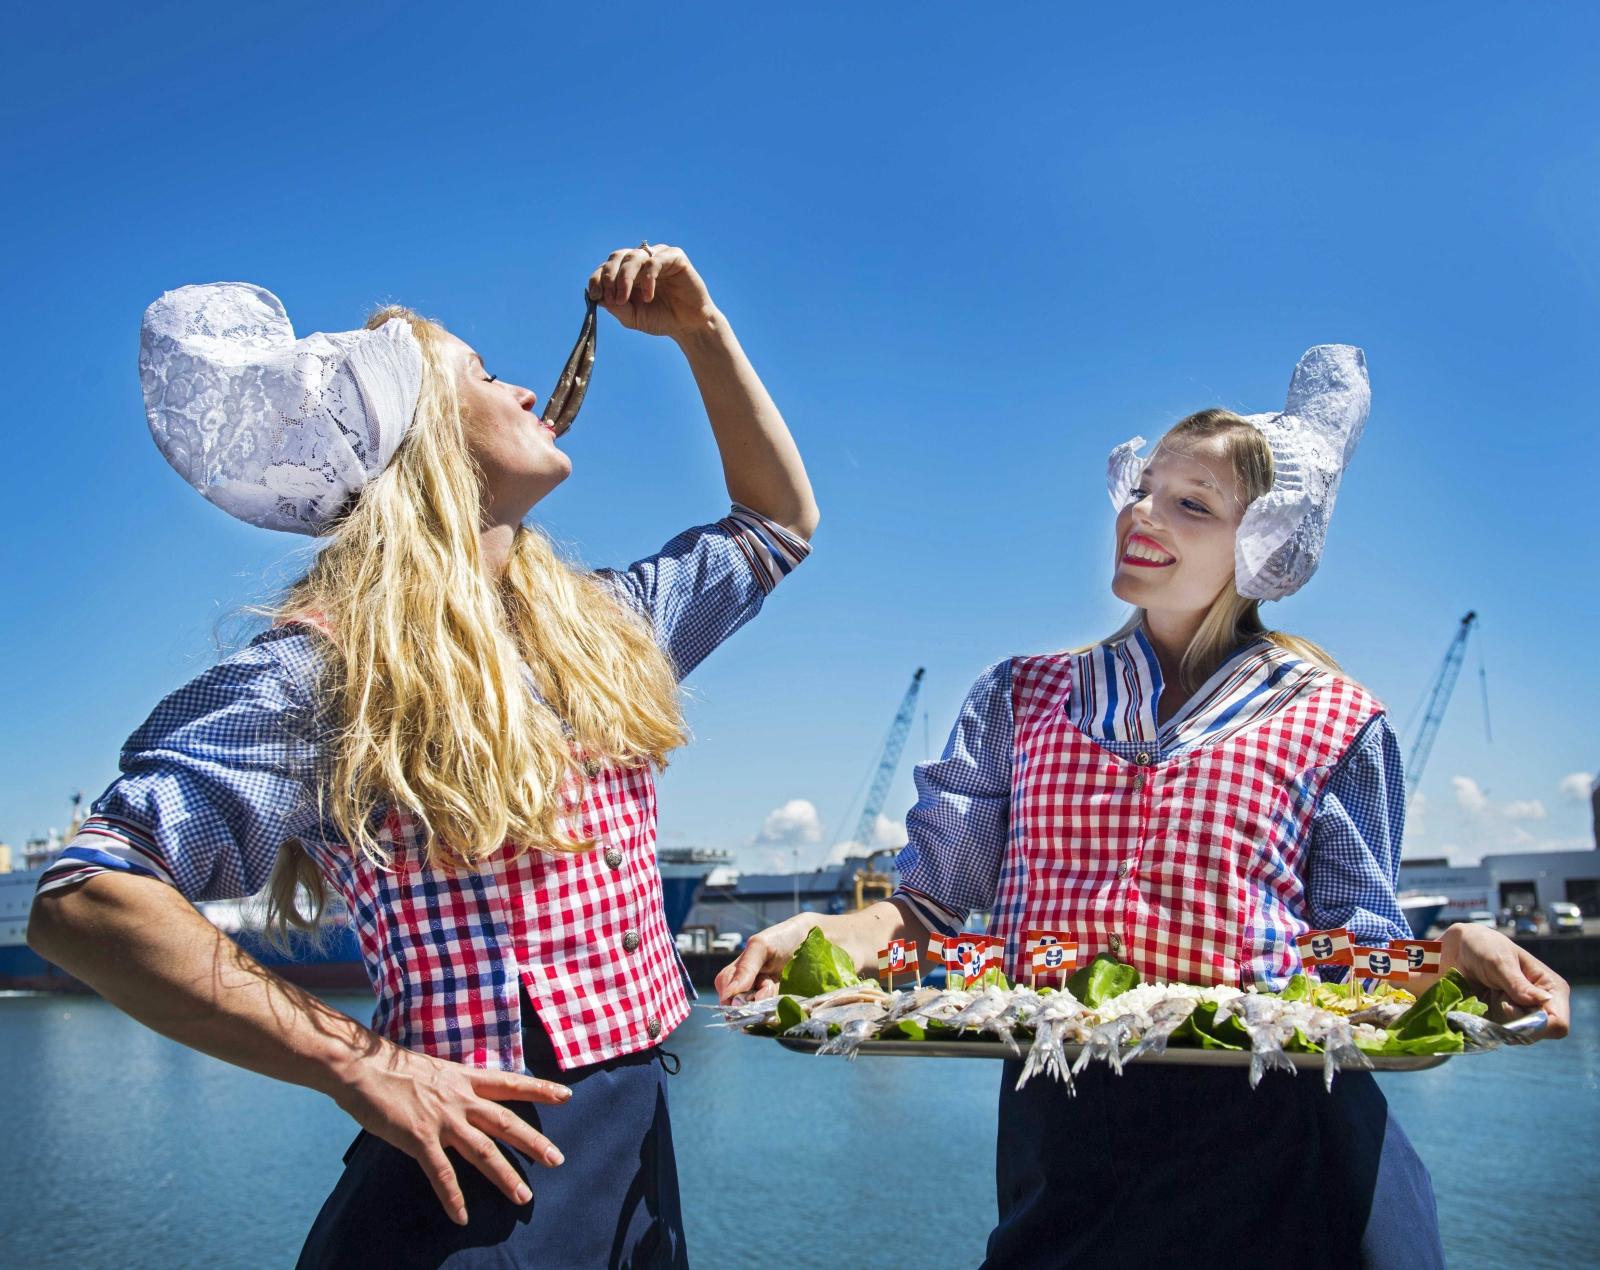 Holenderki, jedzące narodowy przysmak - tradycyjne śledzie.